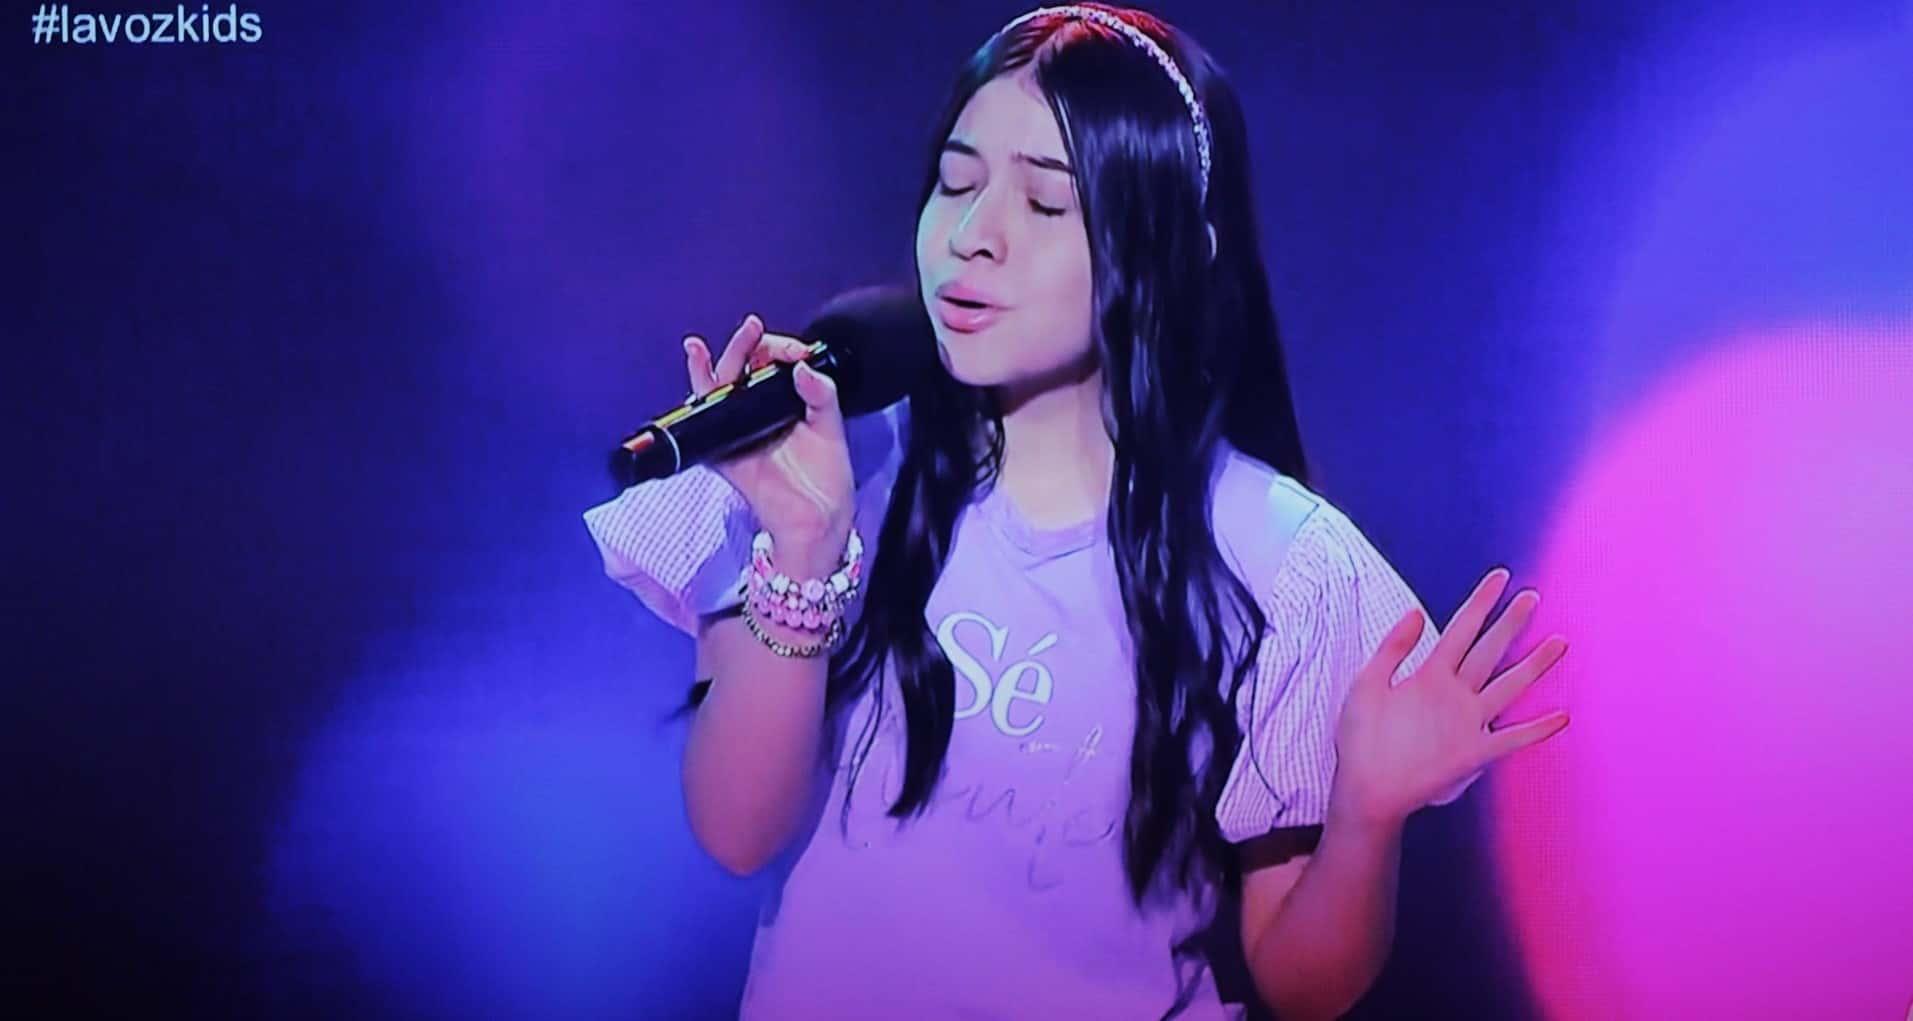 La Boyacense Isabella Villamil Brijaldo en su arribo a la Voz Kids de la televisión nacional. Fotografía Lucas Bautista - Boyacá Sie7e Días.